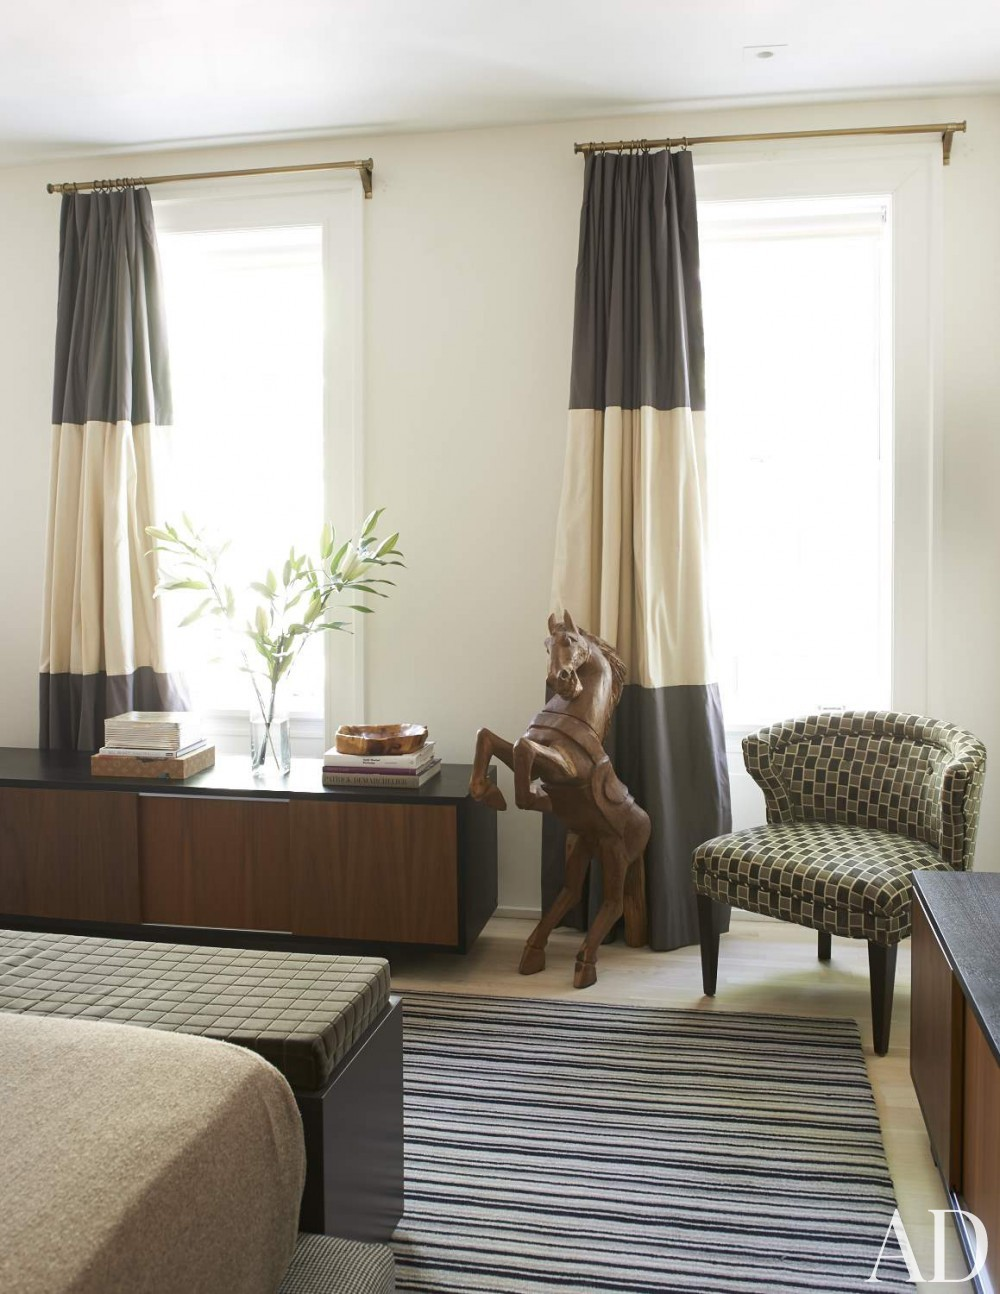 Bedroom by Alexandra Angle in New York, NY